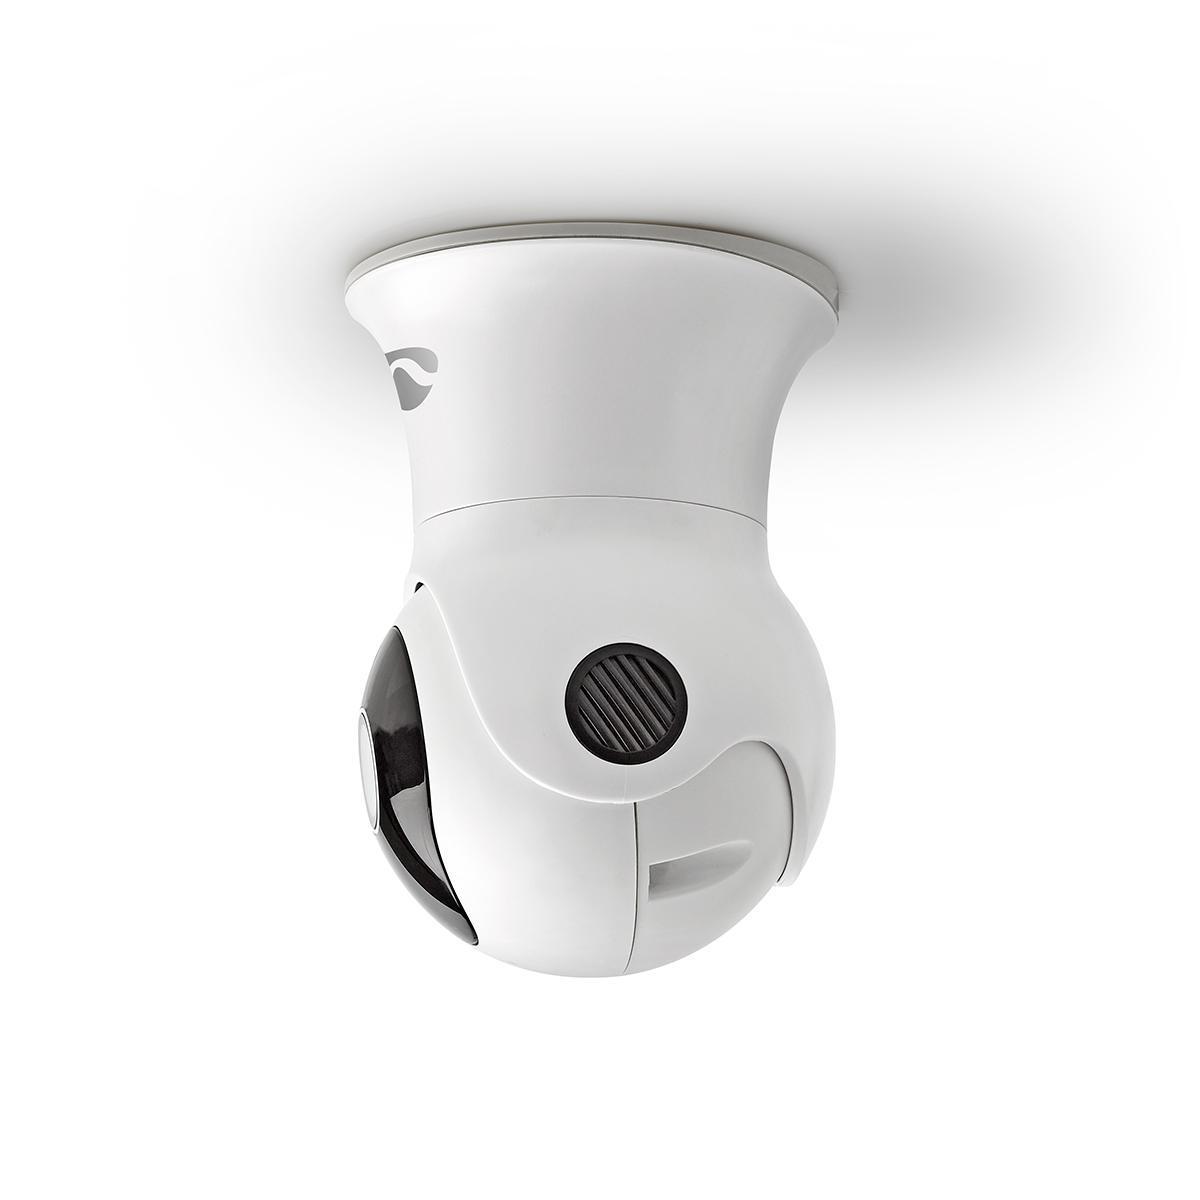 Caméra IP intelligente Wi-Fi - Fonction panoramique et inclinaison - Full HD 1080p - Extérieur - Étanche